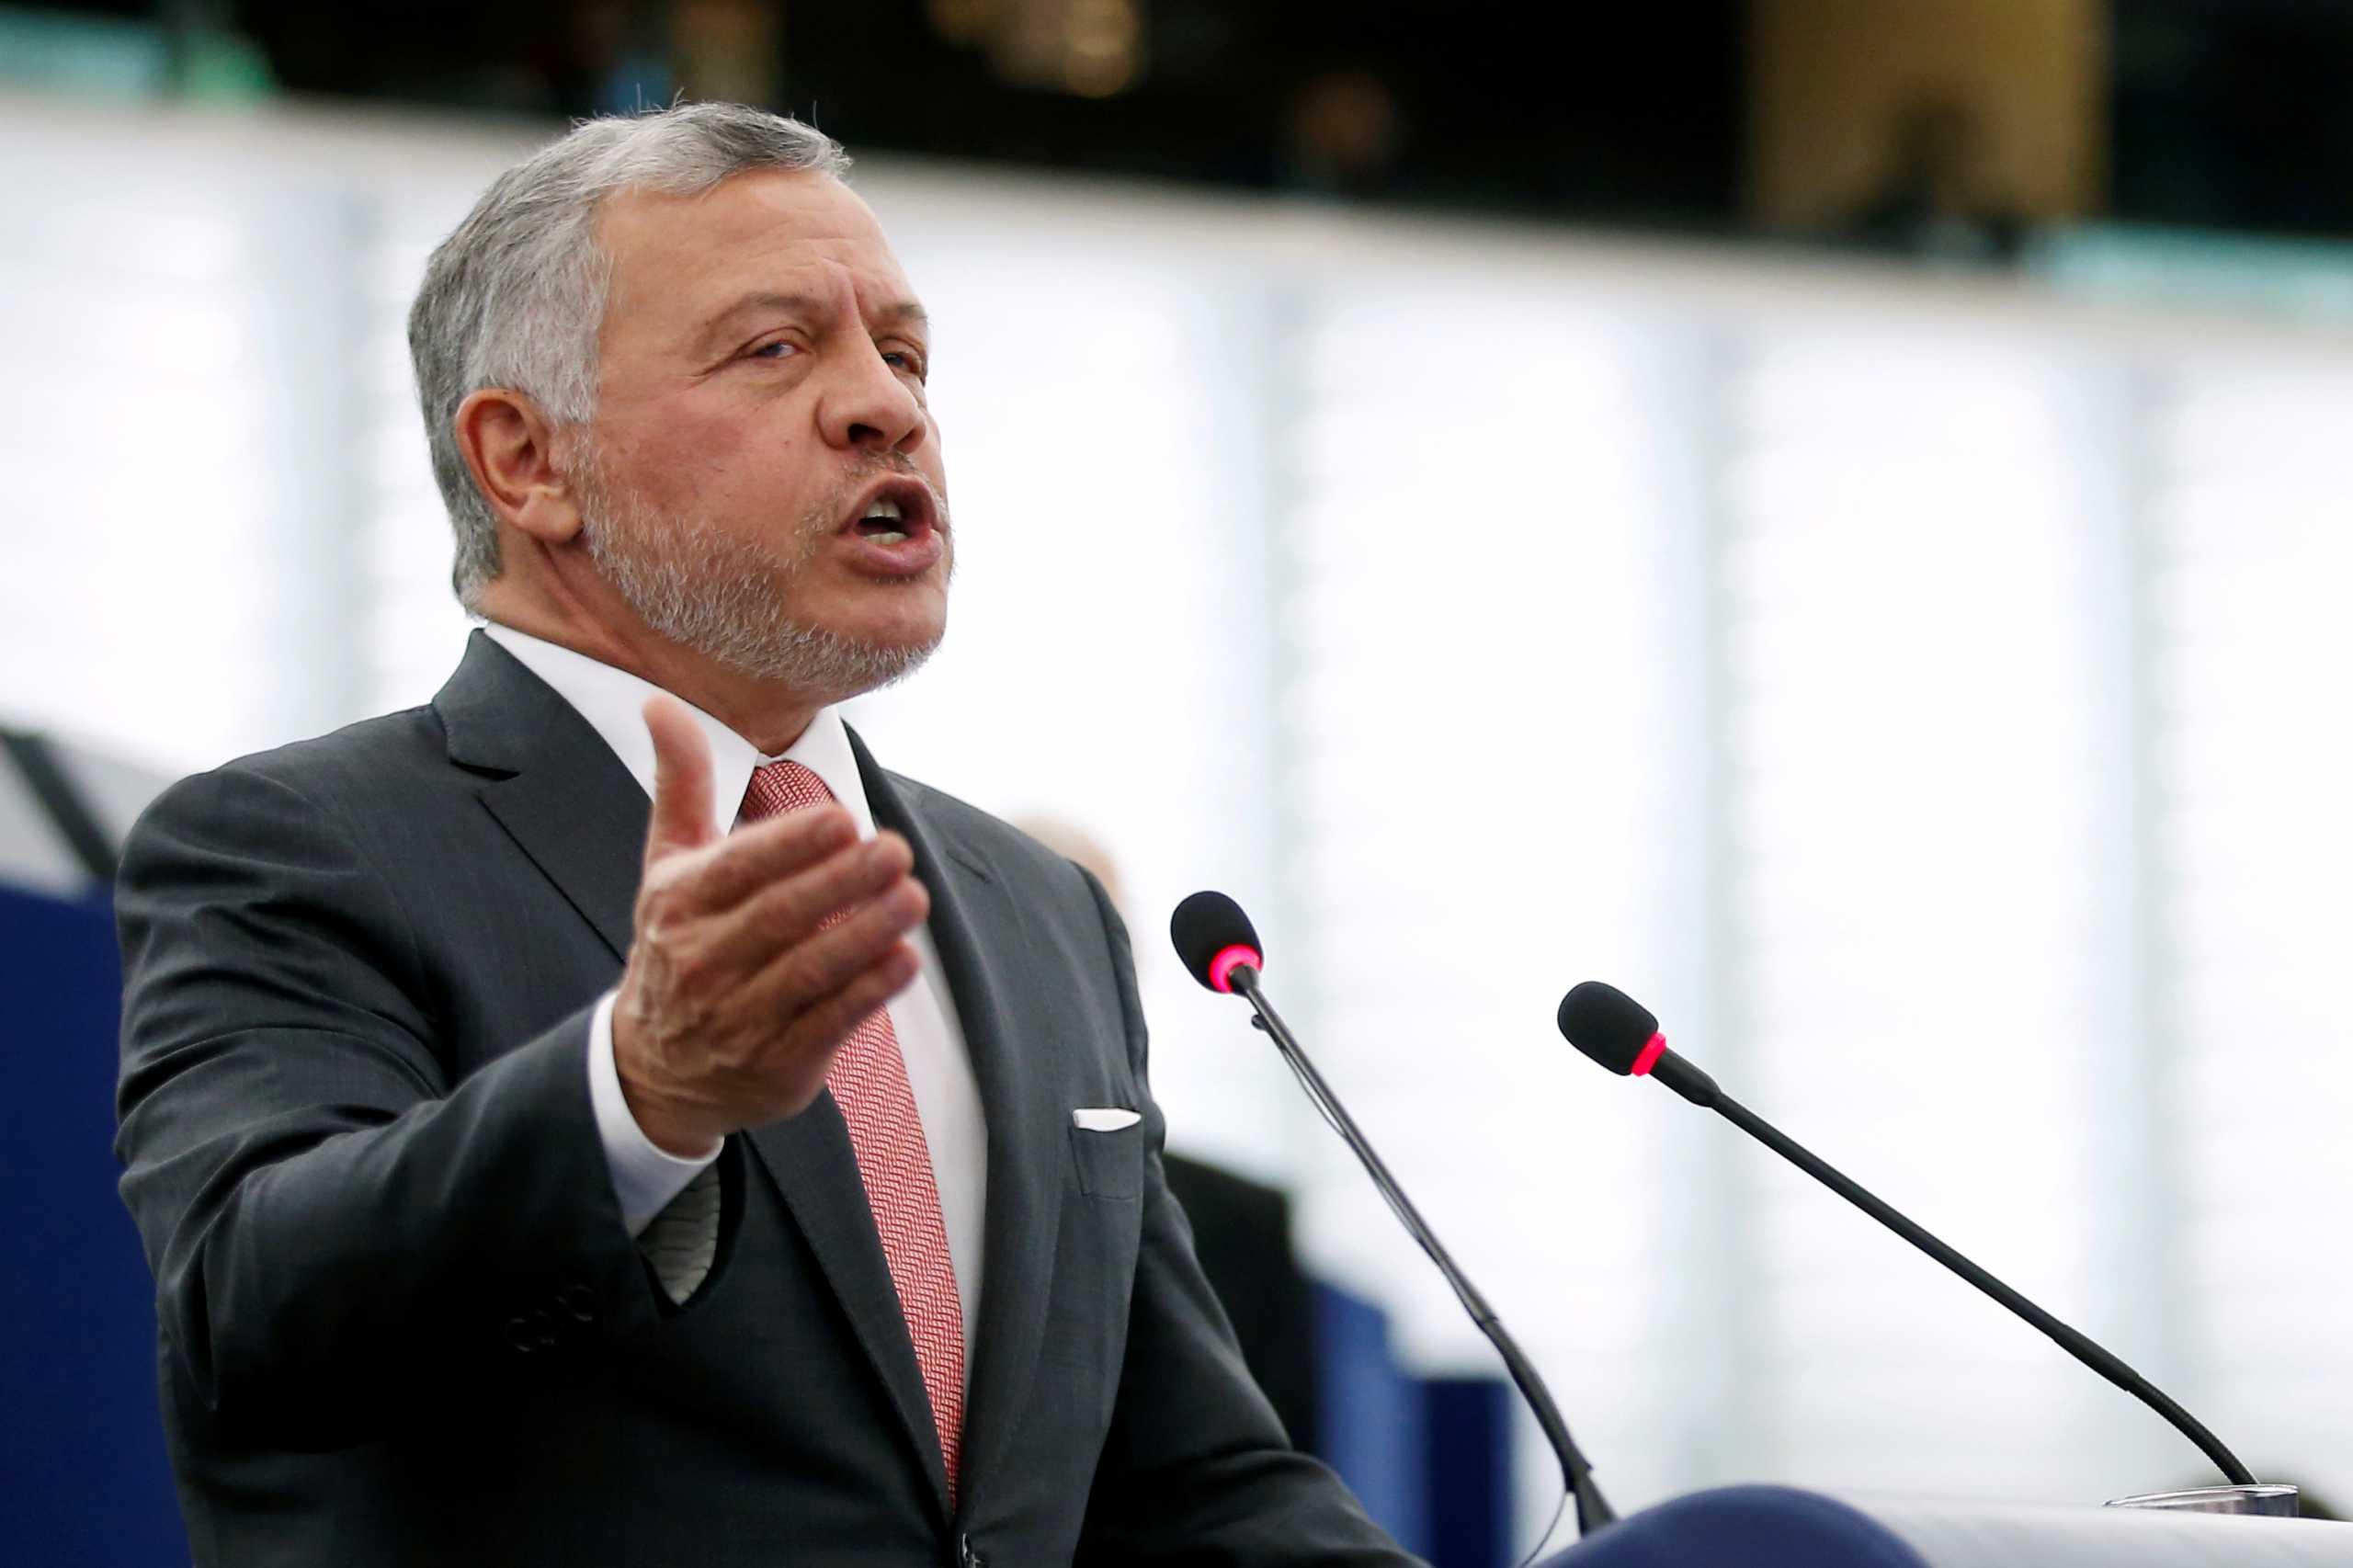 Ιορδανία: «Η οδυνηρή κρίση επιλύθηκε» διαβεβαιώνει ο βασιλιάς Αμπντάλα Β΄